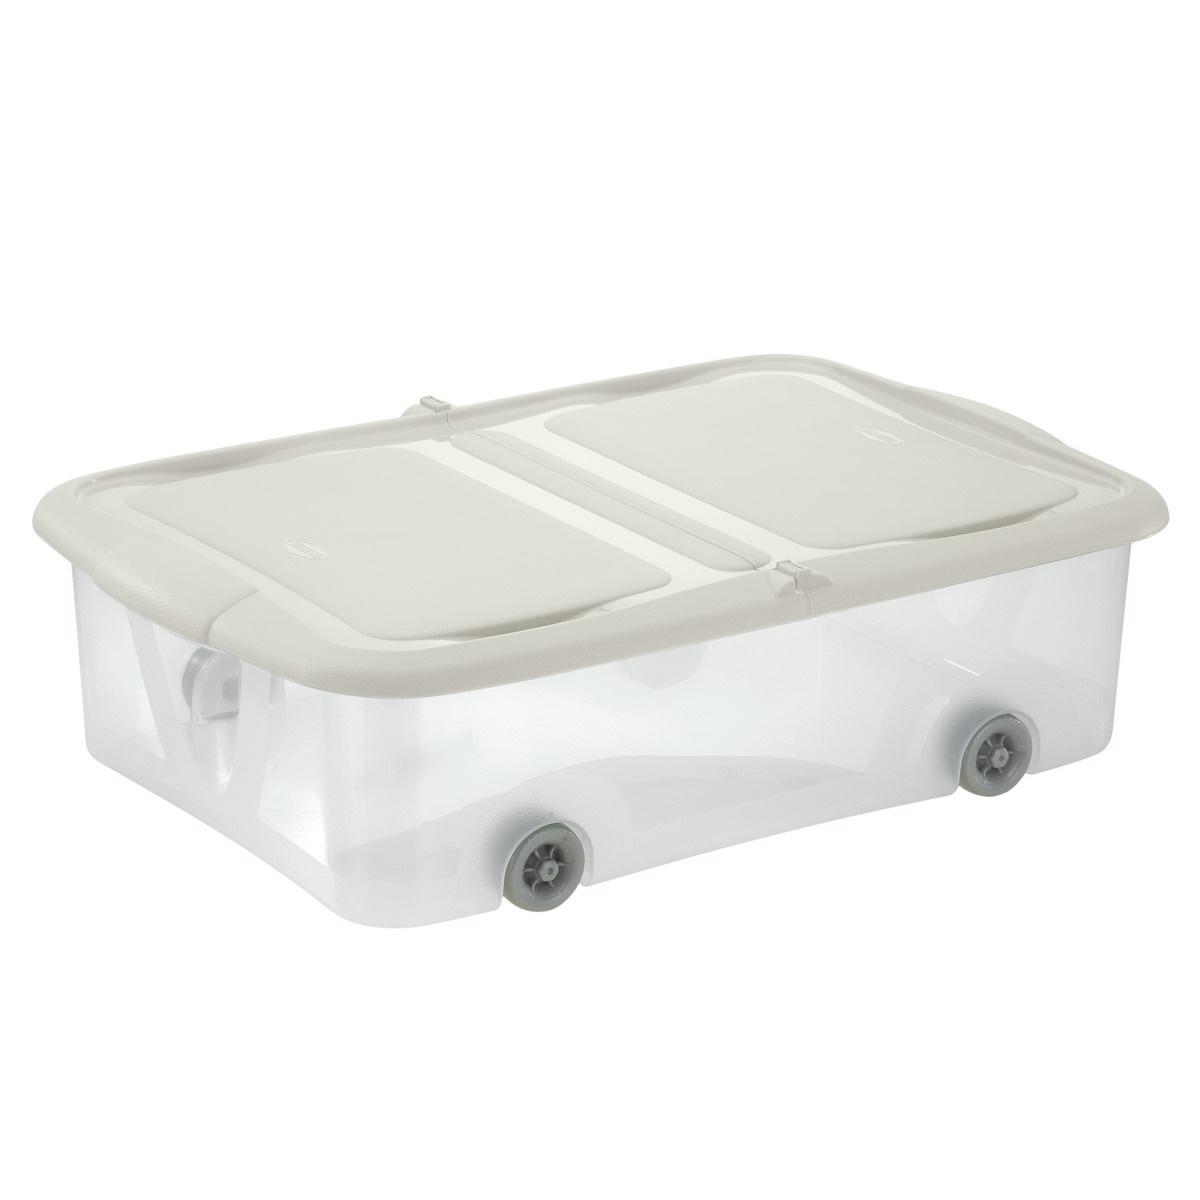 Tontarelli STOCK Box 25L s víkem transparent/krémová;58.7X39.5XH16.8CM, kolečka